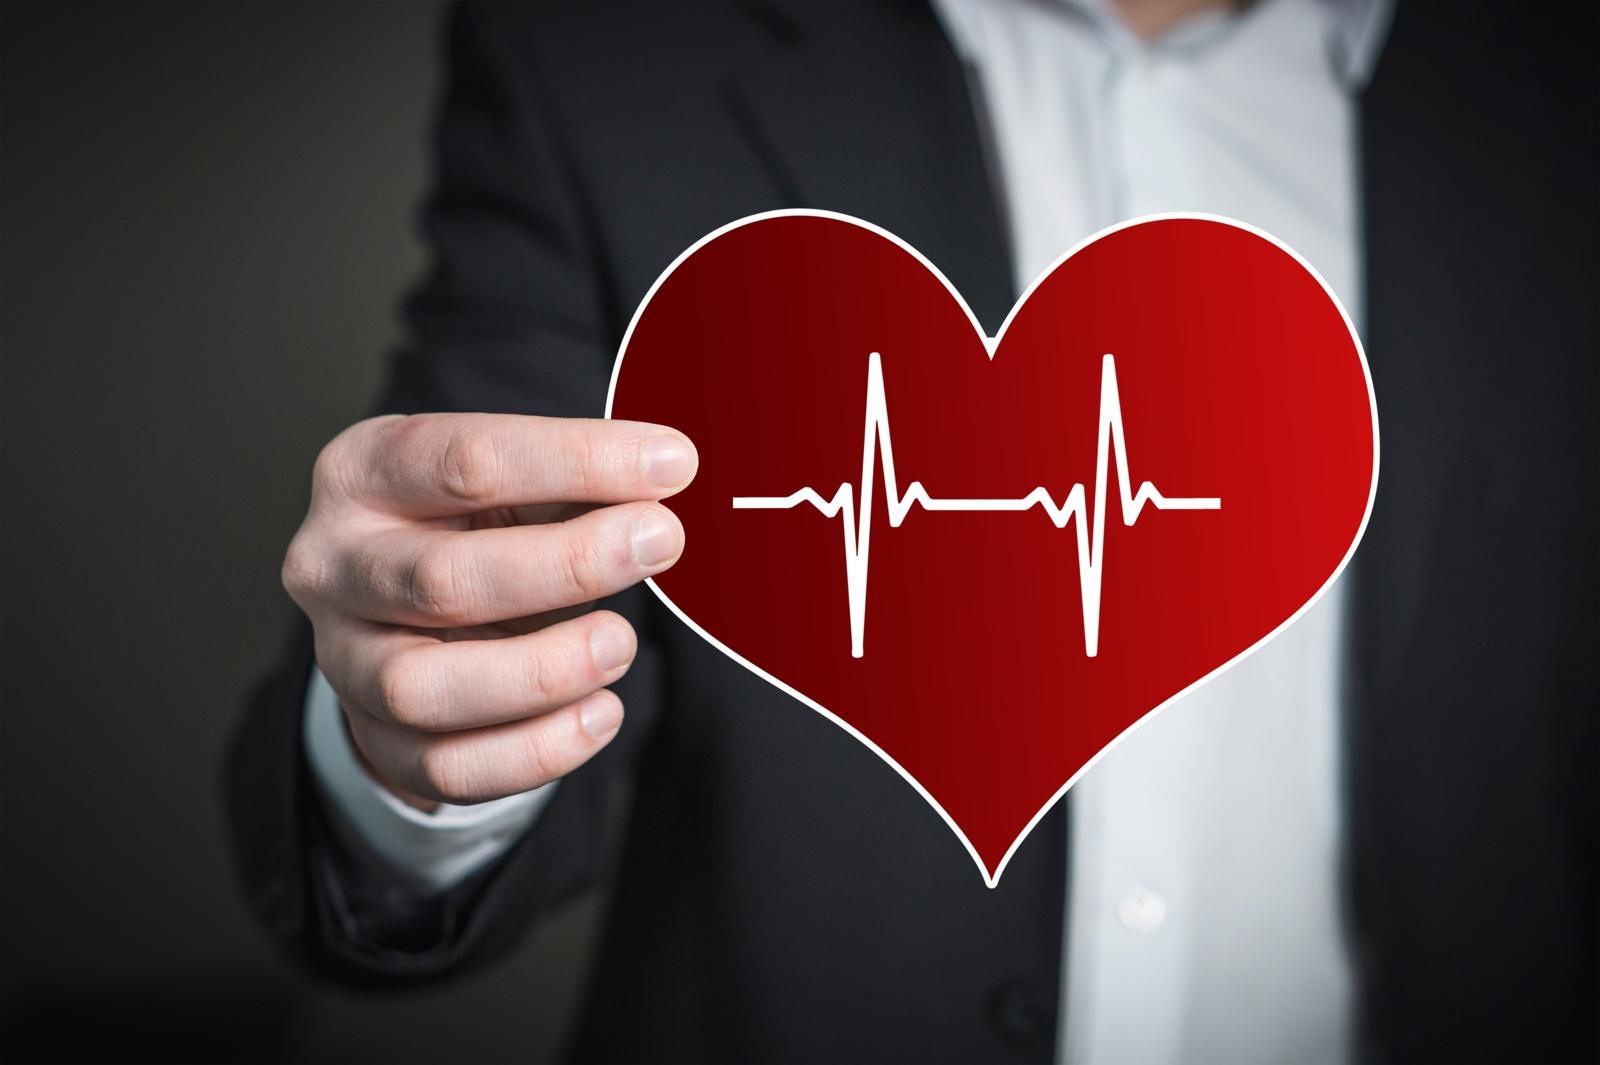 naujos kartos vaistai hipertenzijai gydyti dugno pakitimas su hipertenzija